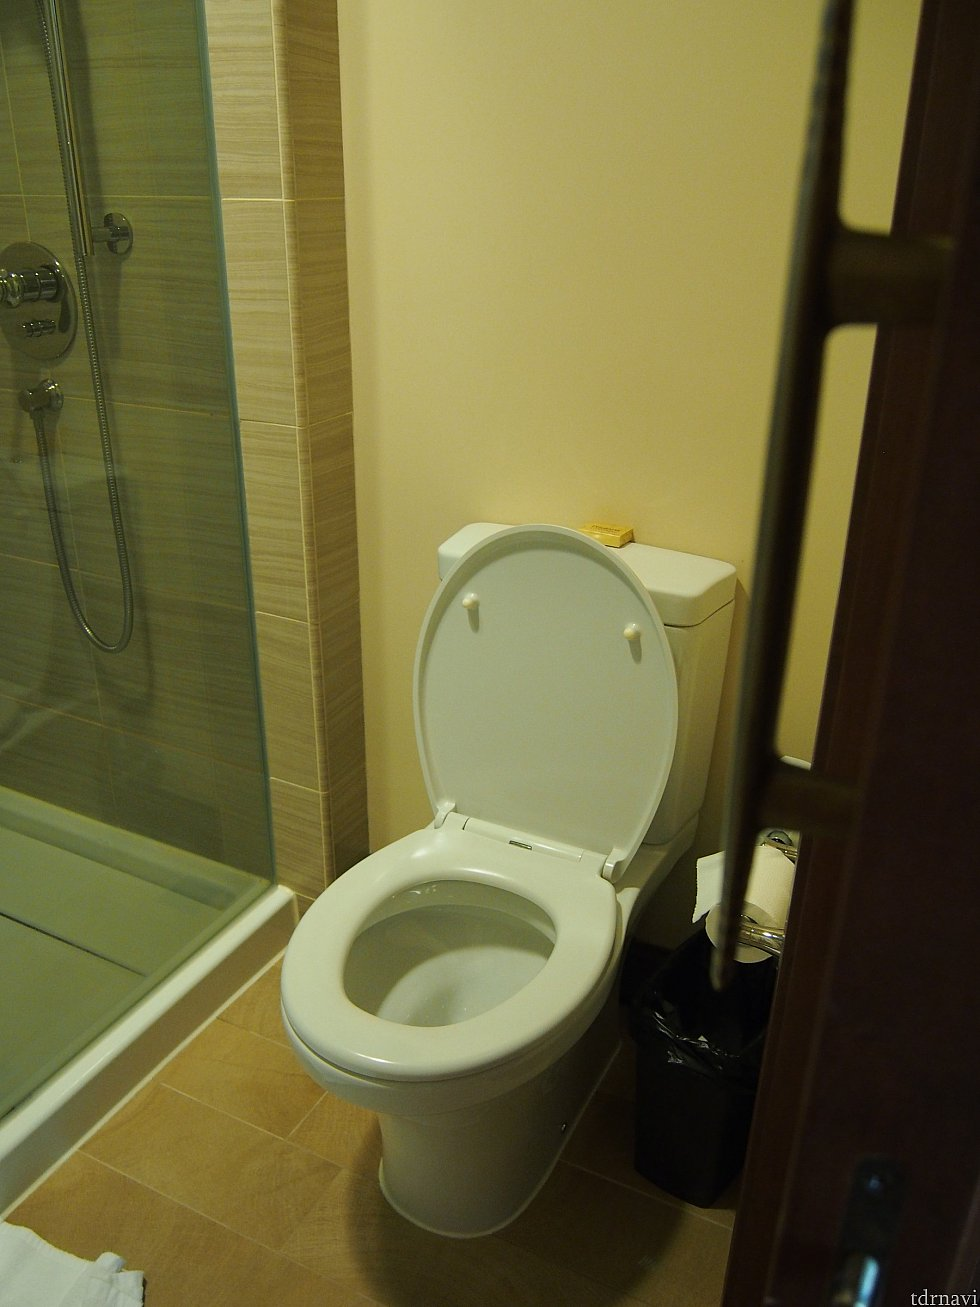 トイレは安定の感じ。日本に比べるとさびしいね。